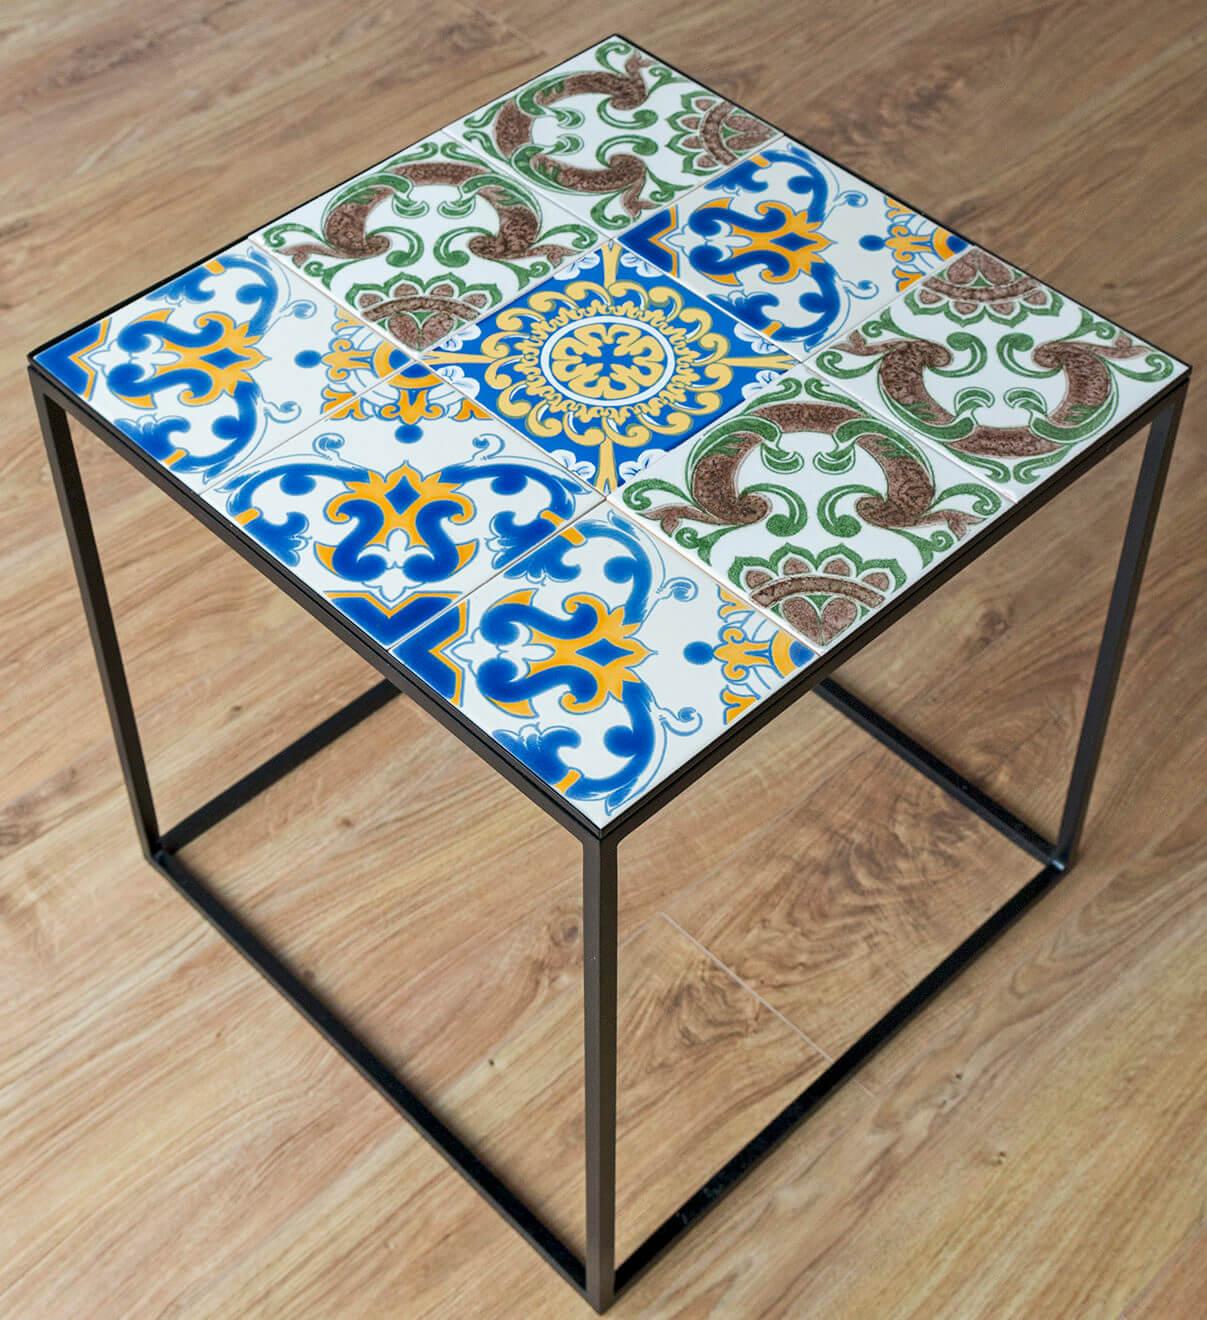 stolik design płytki ceramiczne azulejos